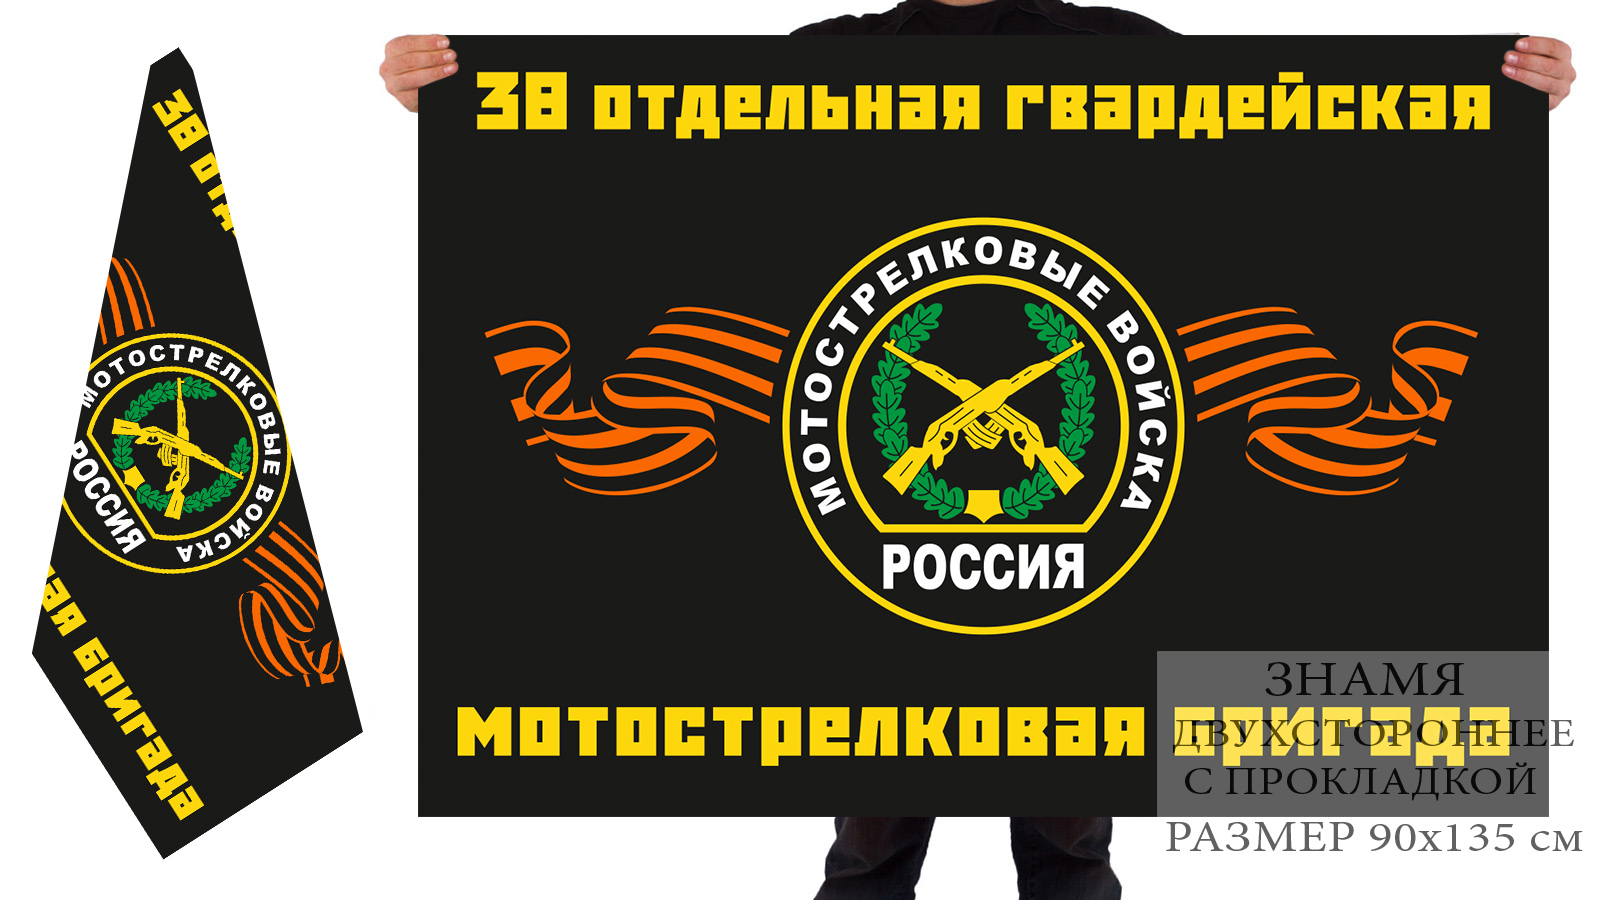 Заказать двухсторонний флаг 38-ой мотострелковой бригады